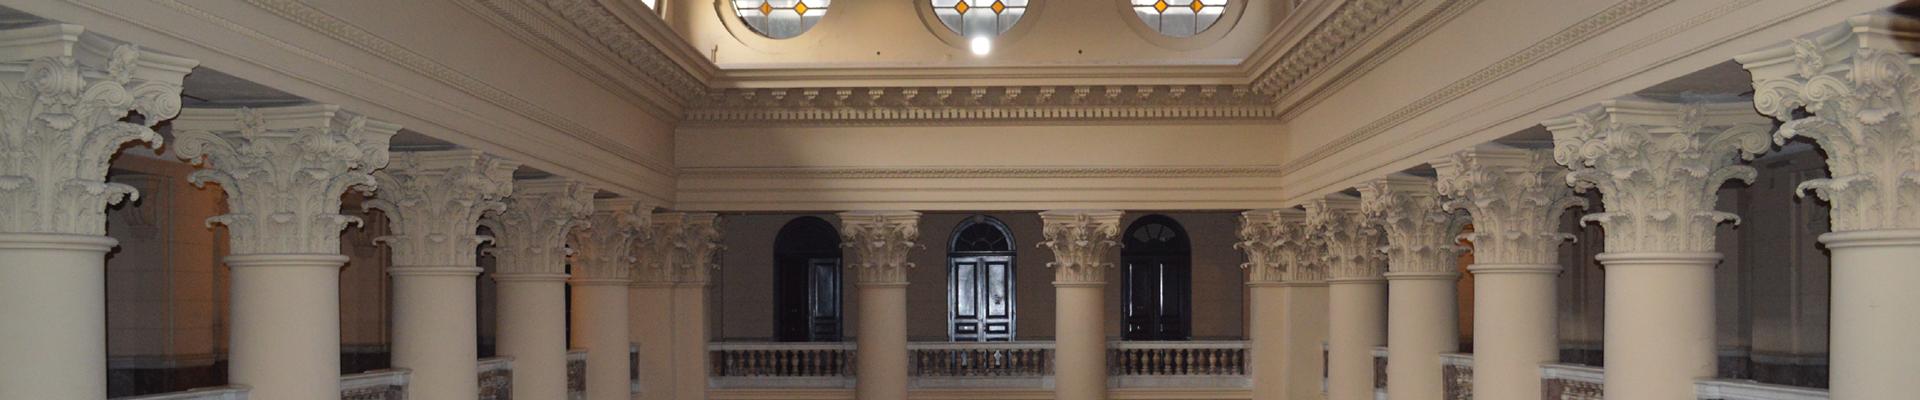 imagen de tribunales